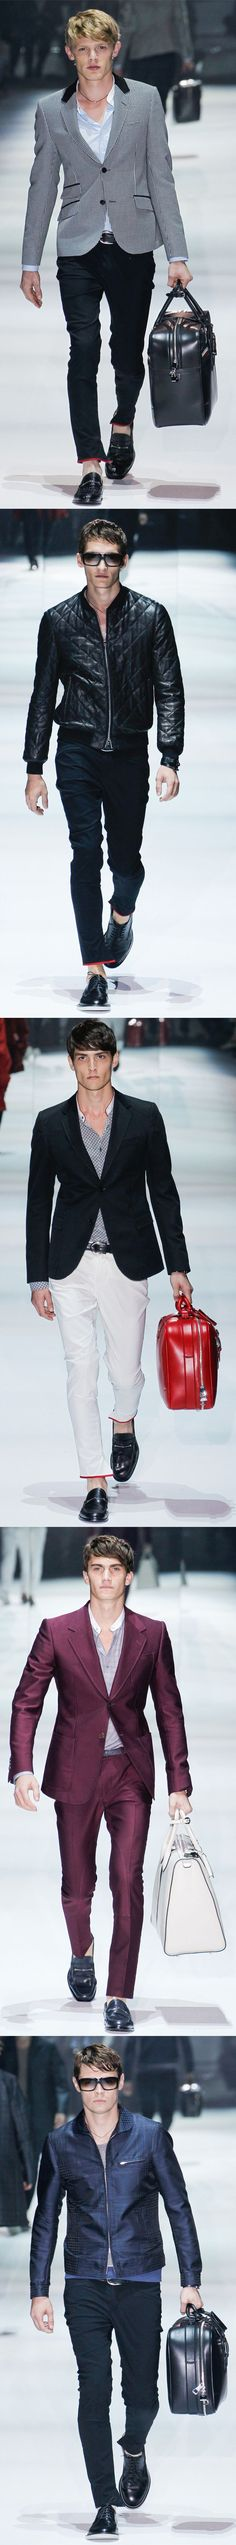 Gucci Springer 2012